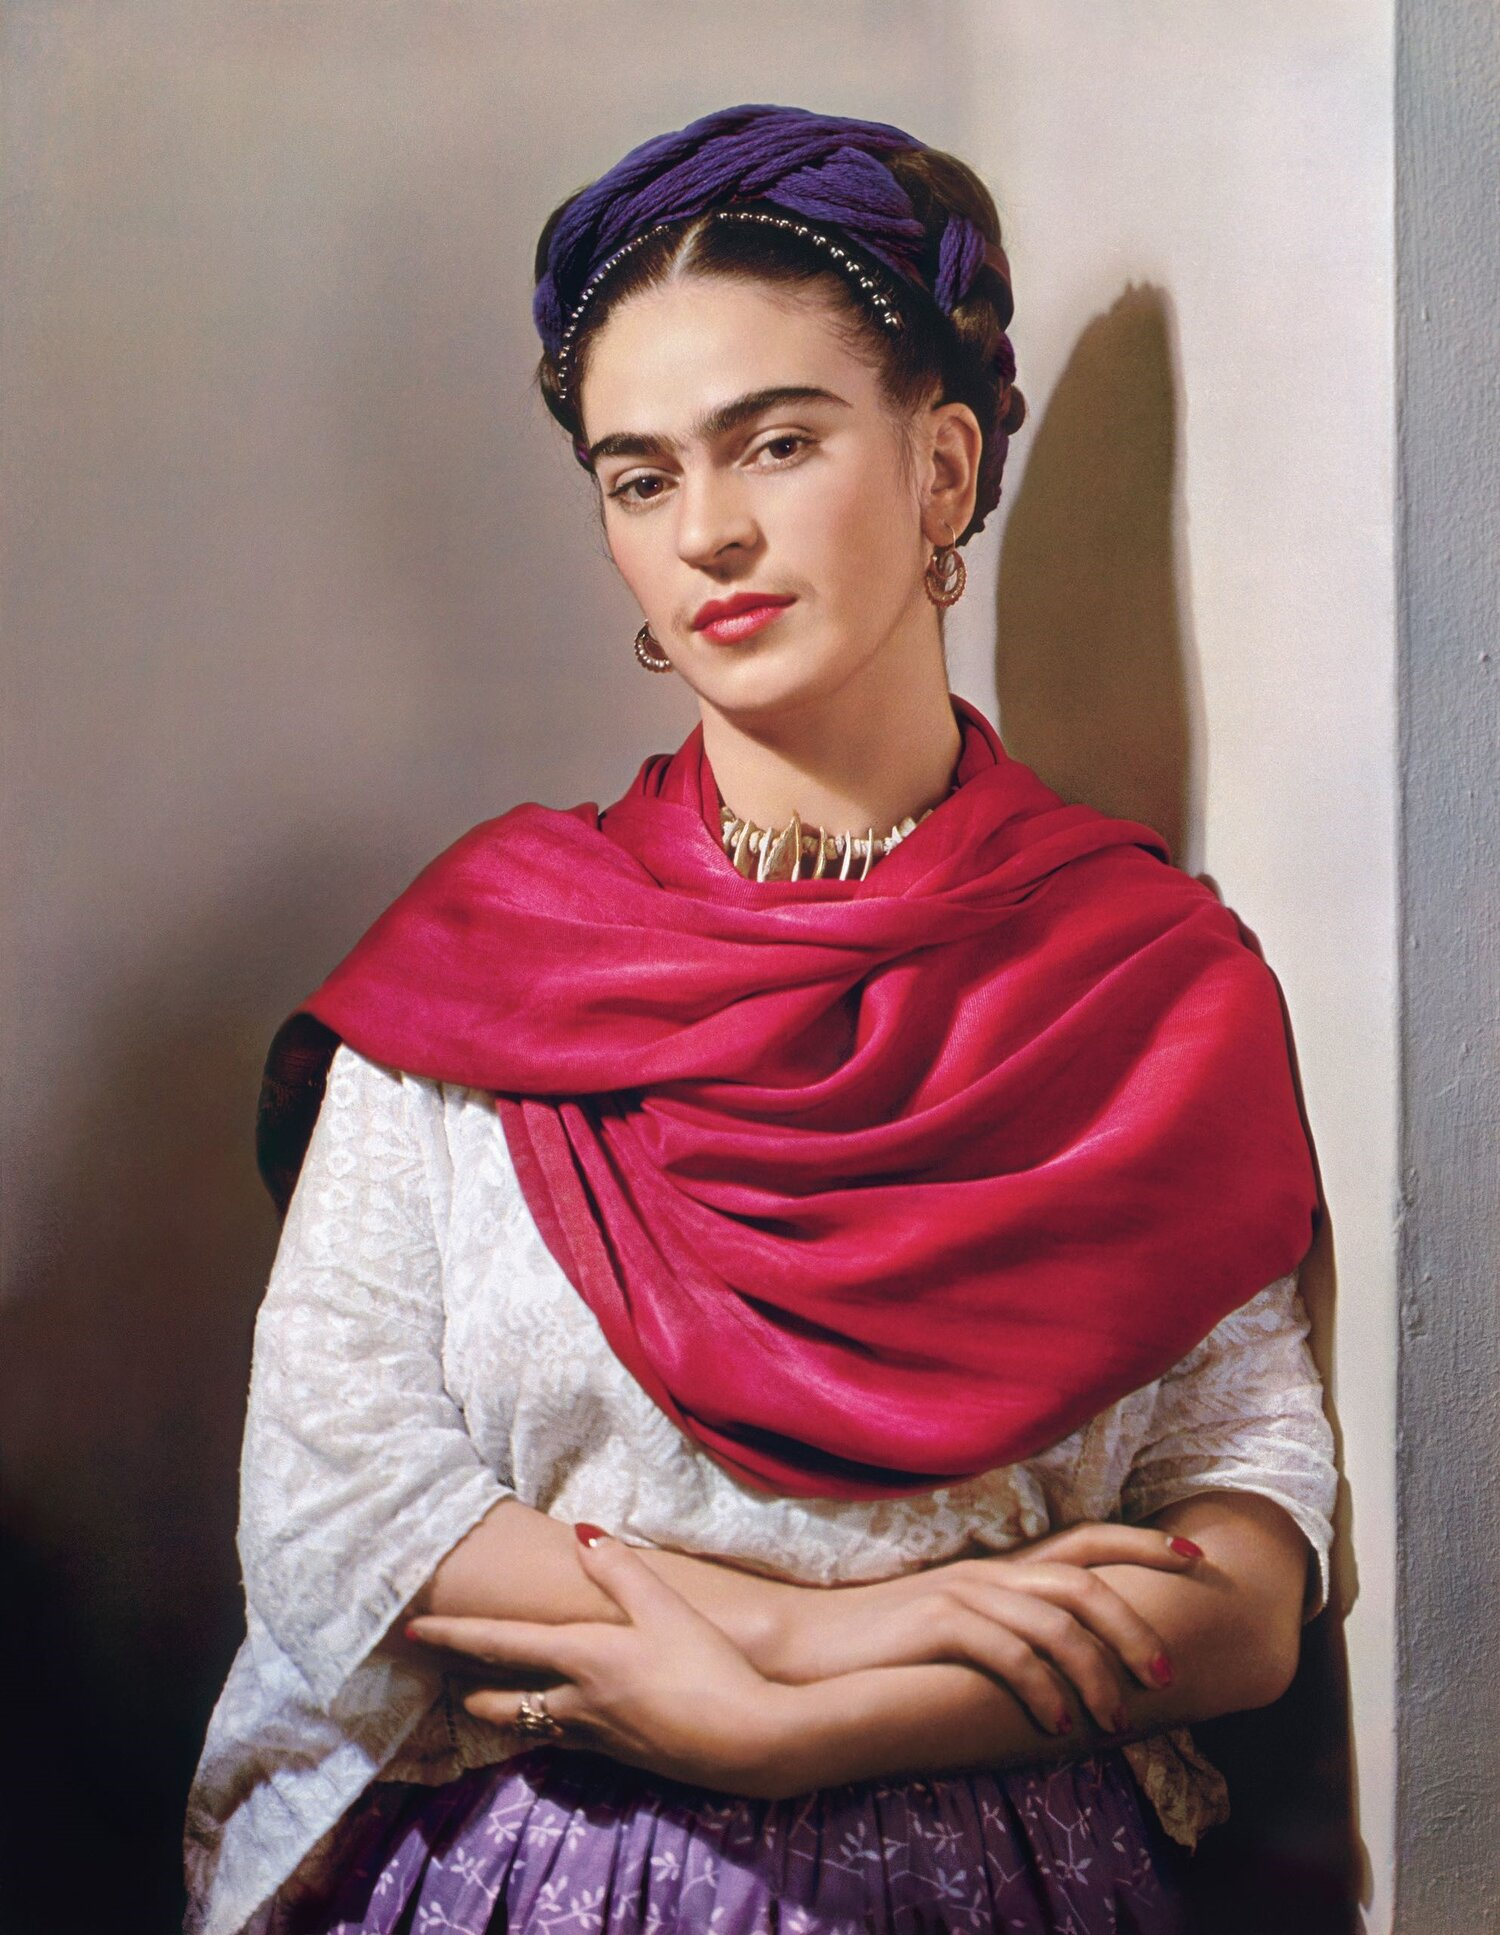 Người ta nói năm sinh của Frida Kahlo trùng với năm bắt đầu cách mạng Mexico, như thế cuộc đời bà sẽ bắt đầu với sự khai sinh của một Mexico hiện đại.